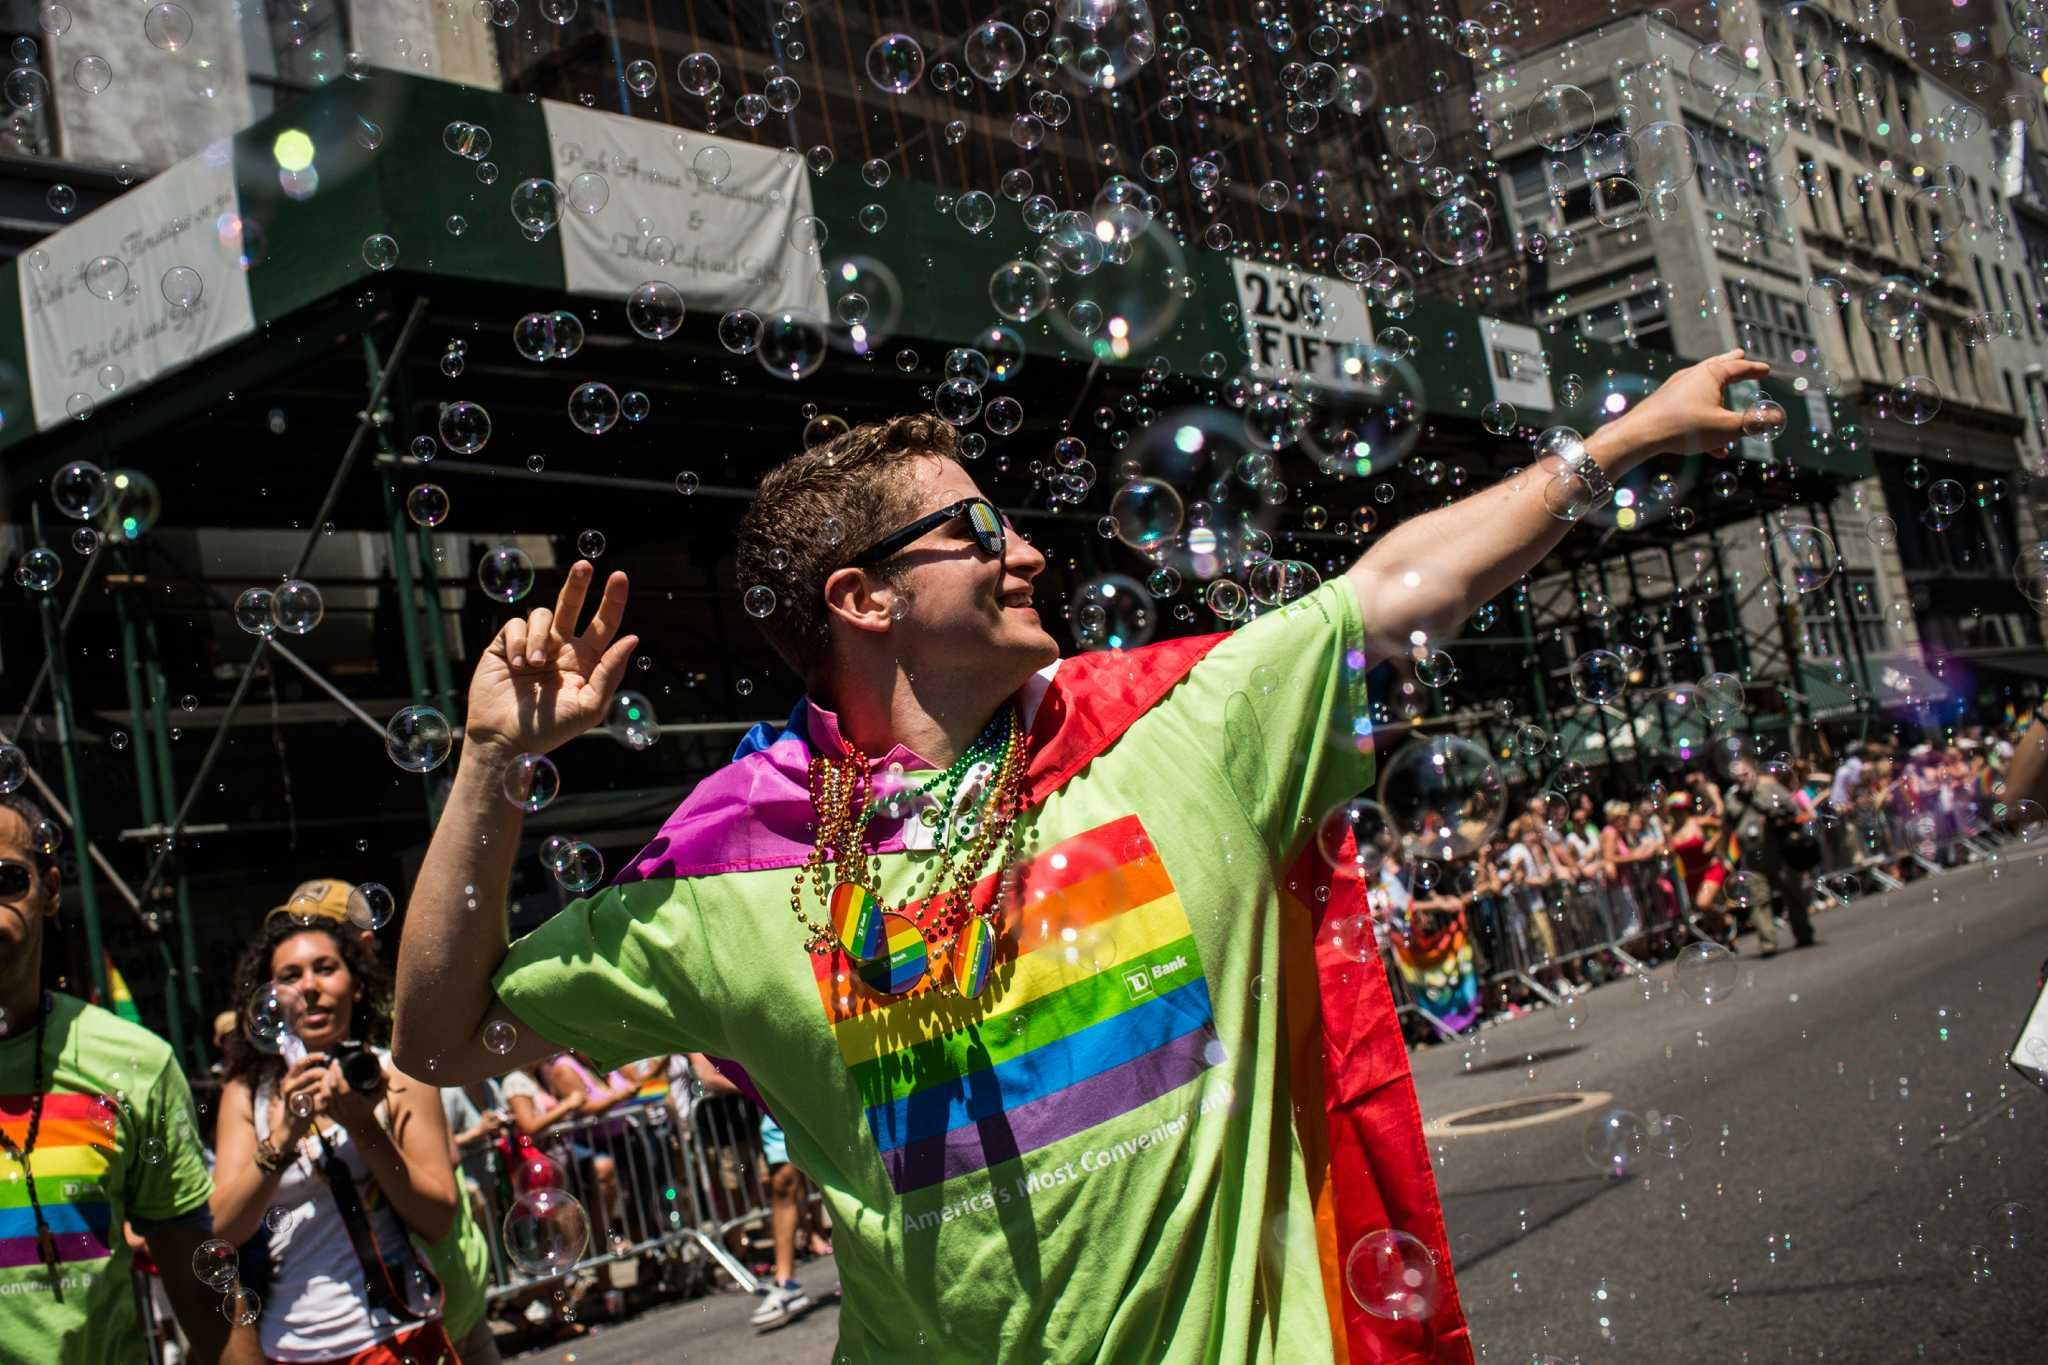 Roc pride fest